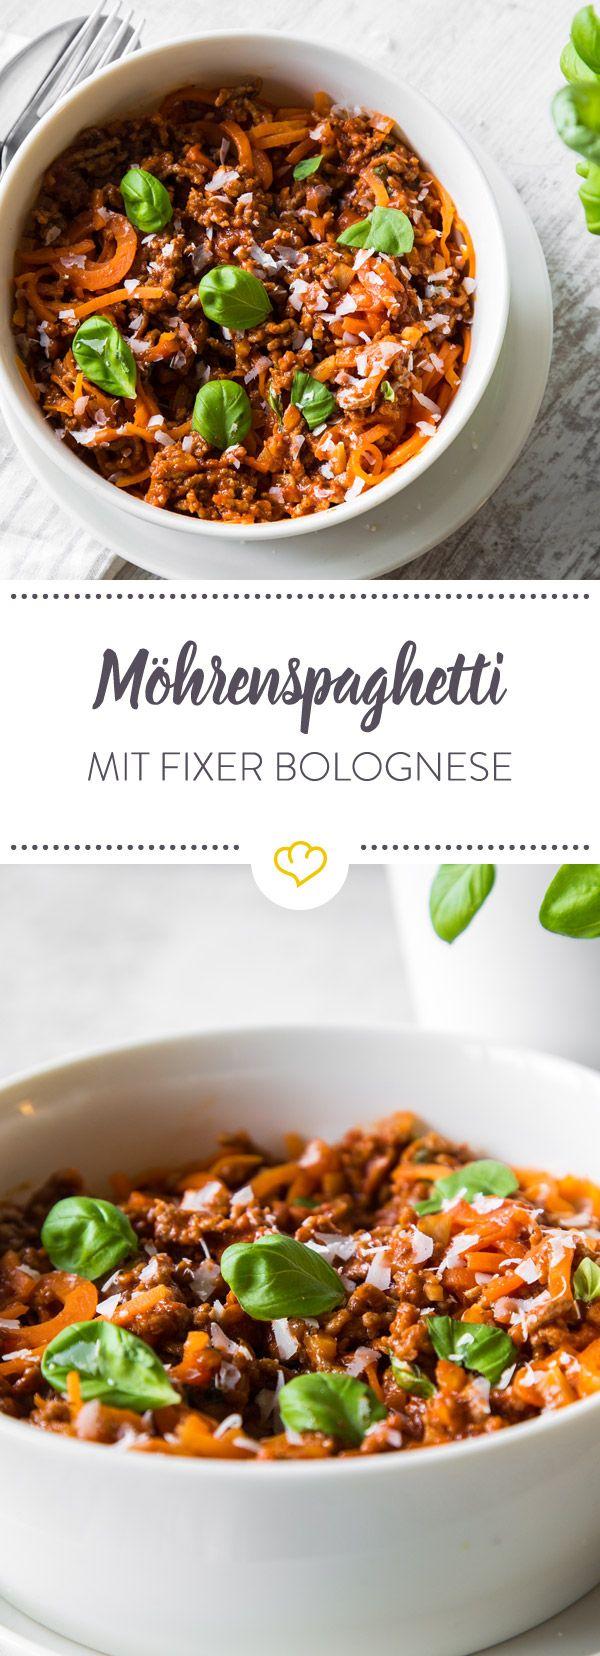 Heute vertreten knackige Möhrenspaghetti die klassische Pasta unter der schnellen Bolognese. So gelingt der italienische Klassiker Low Carb und lecker.